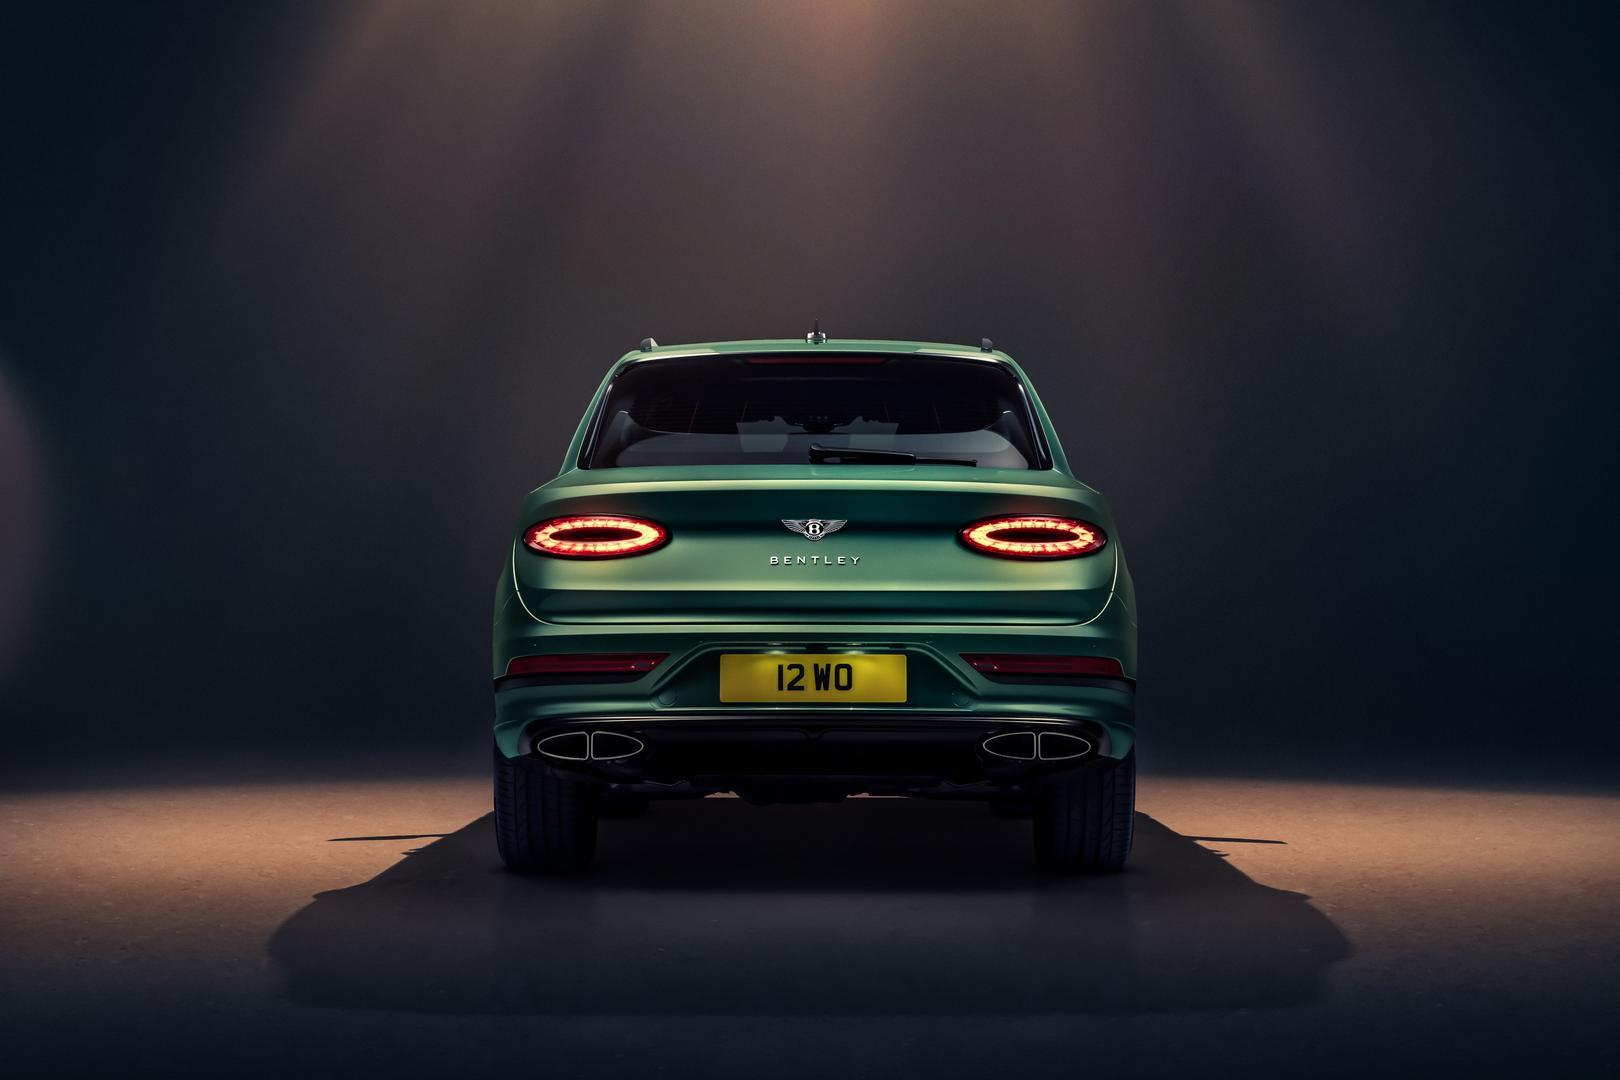 2021 Bentley Bentayga Rear Lights